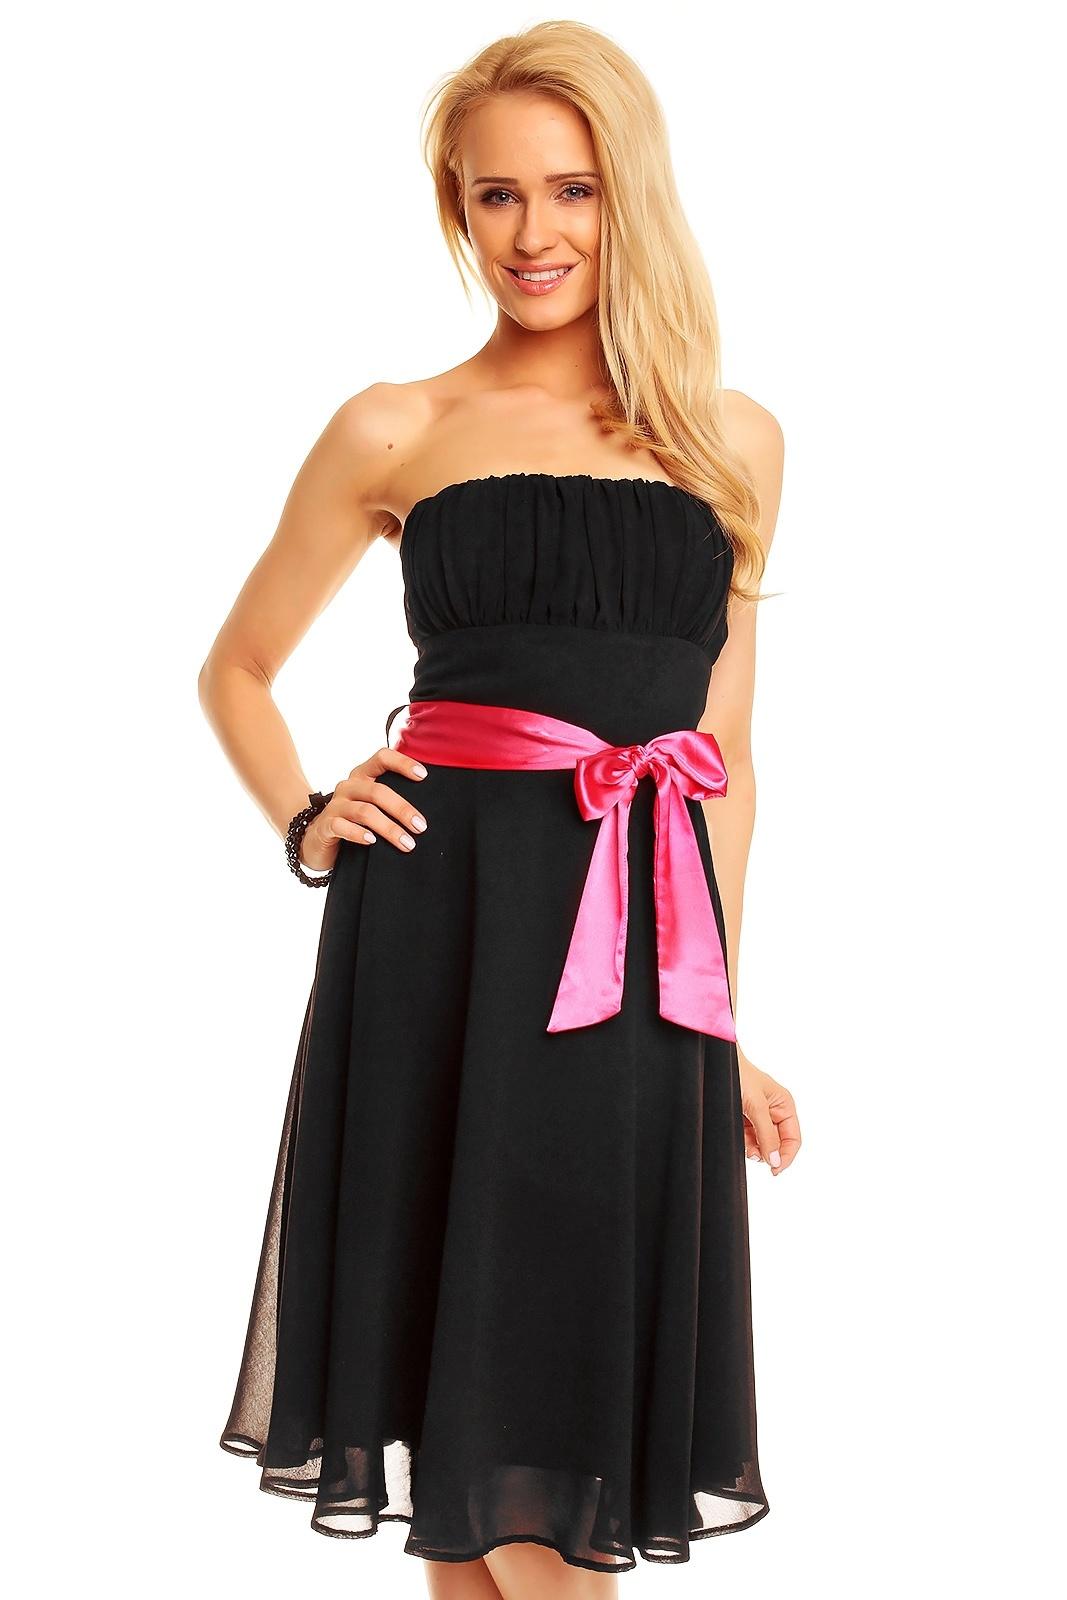 350ec54a6385 MAYAADI Dámské společenské šaty korzetové s mašlí a šifonovou sukní černé. 1